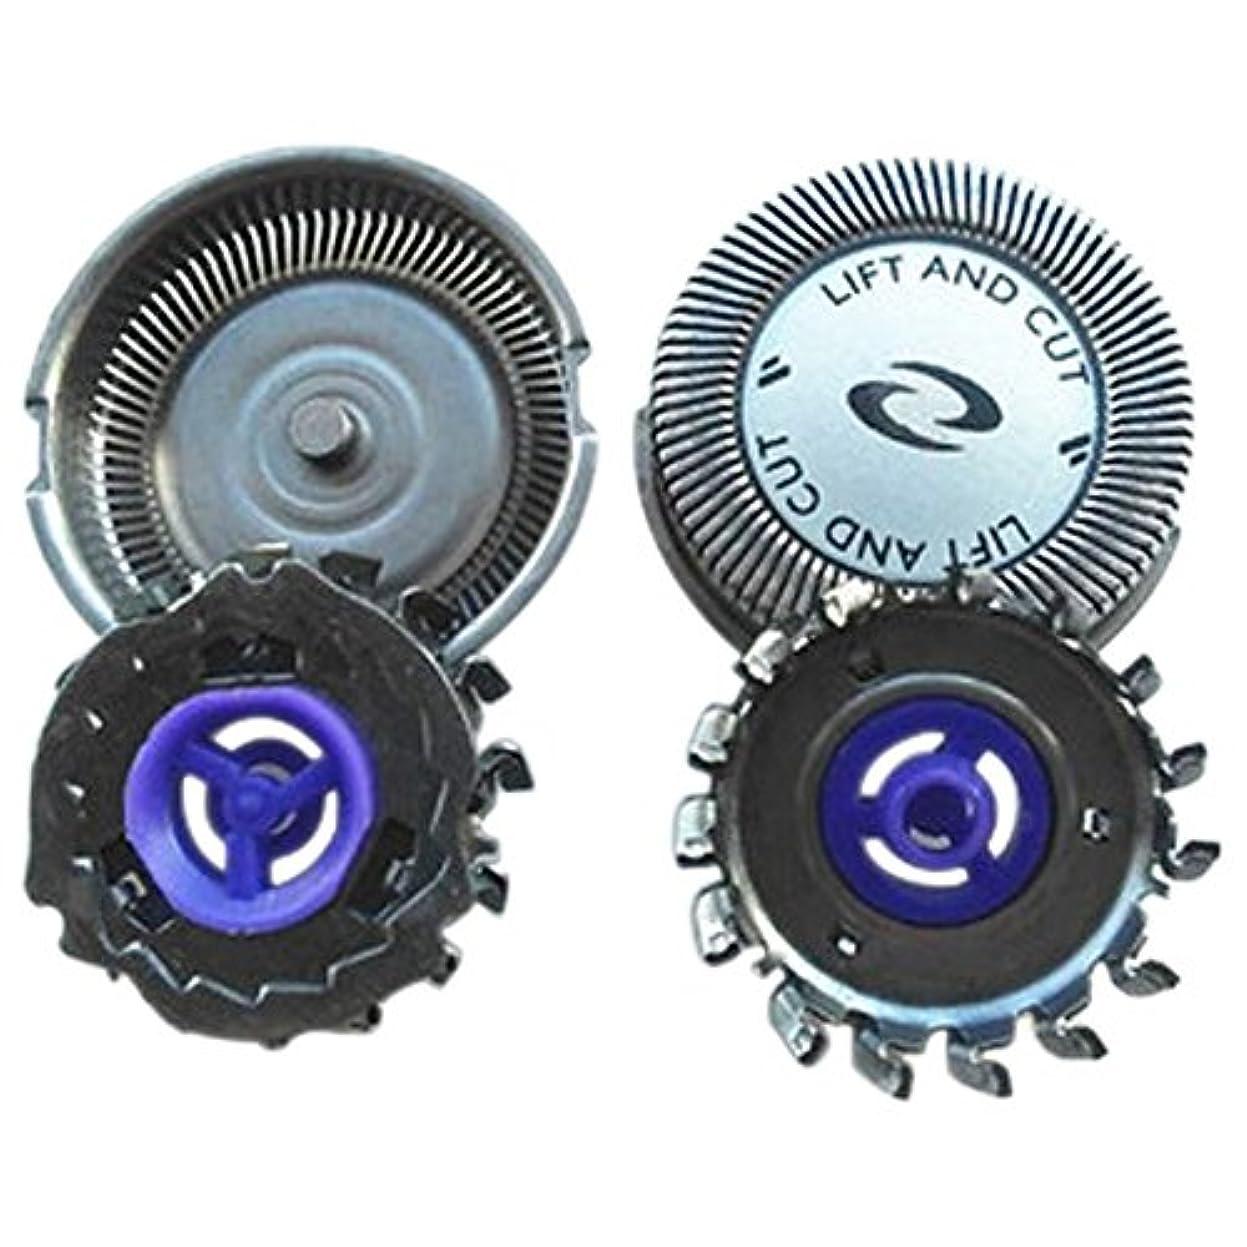 歴史的レガシー心からHzjundasi 置換 シェーバー 頭 刃/キャリーバッグ/フォイル カッター HQ56 for Philips PQ210 PQ216